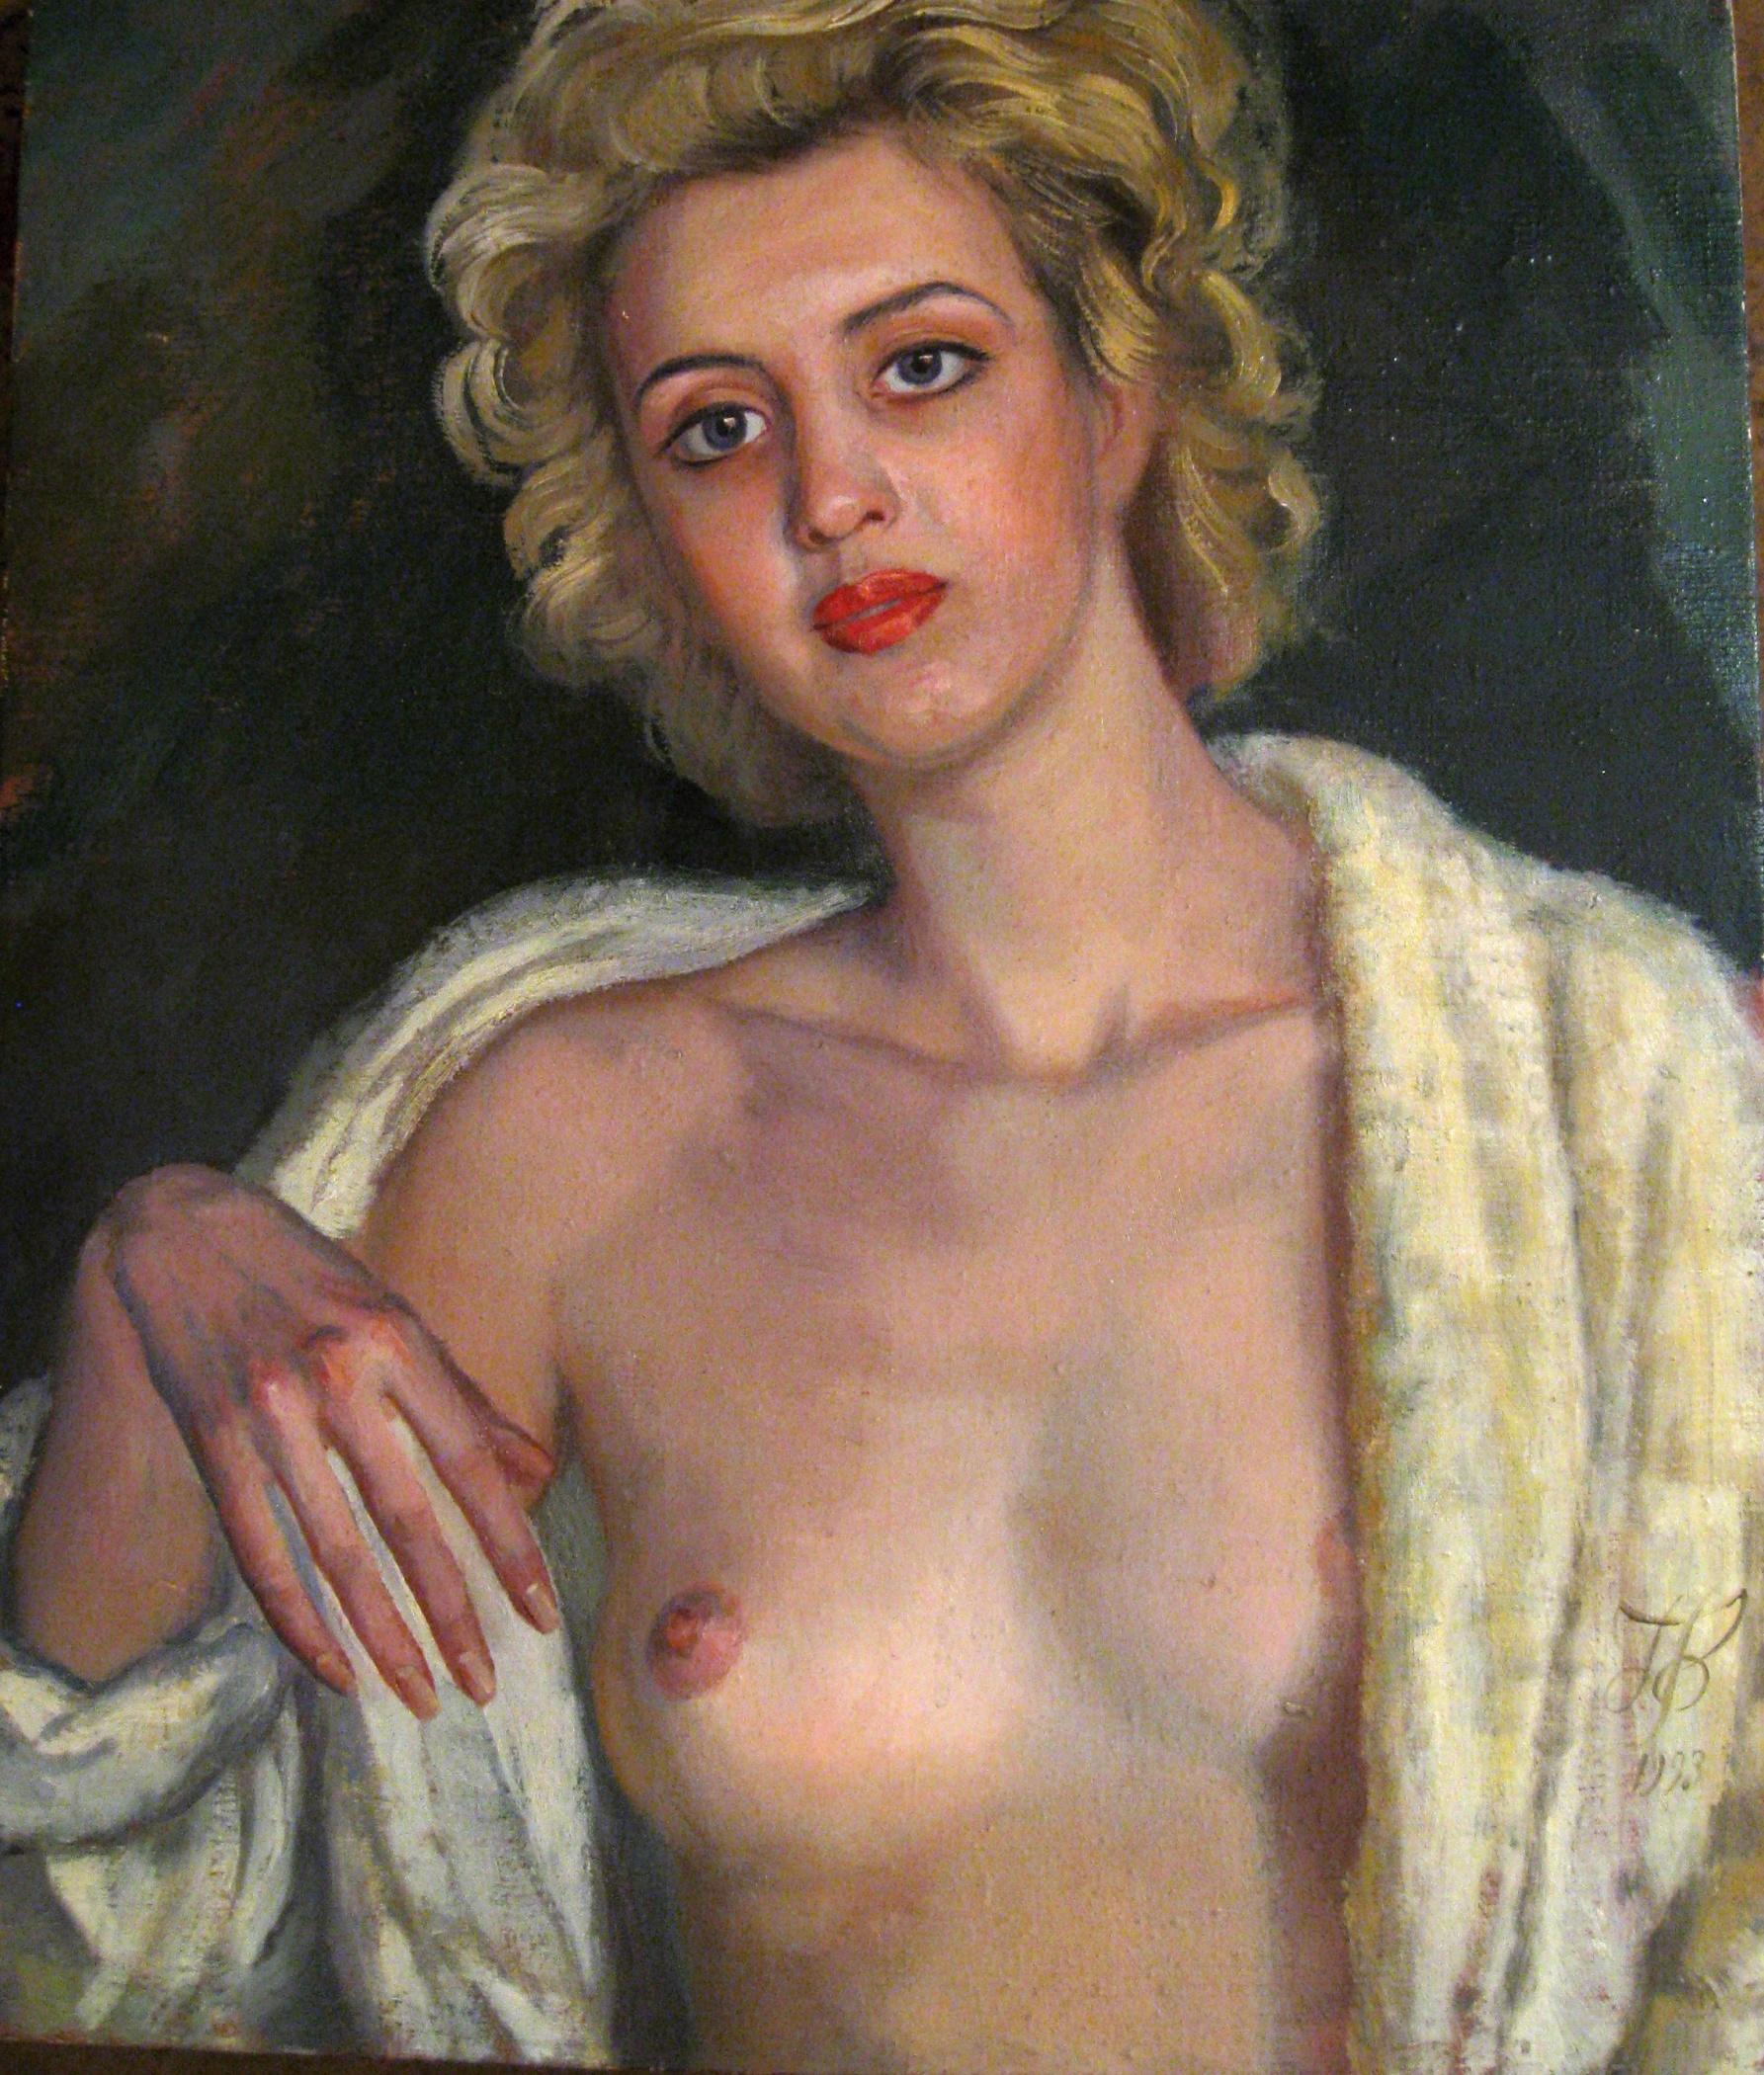 Эротика фото и голых девушек в эротике